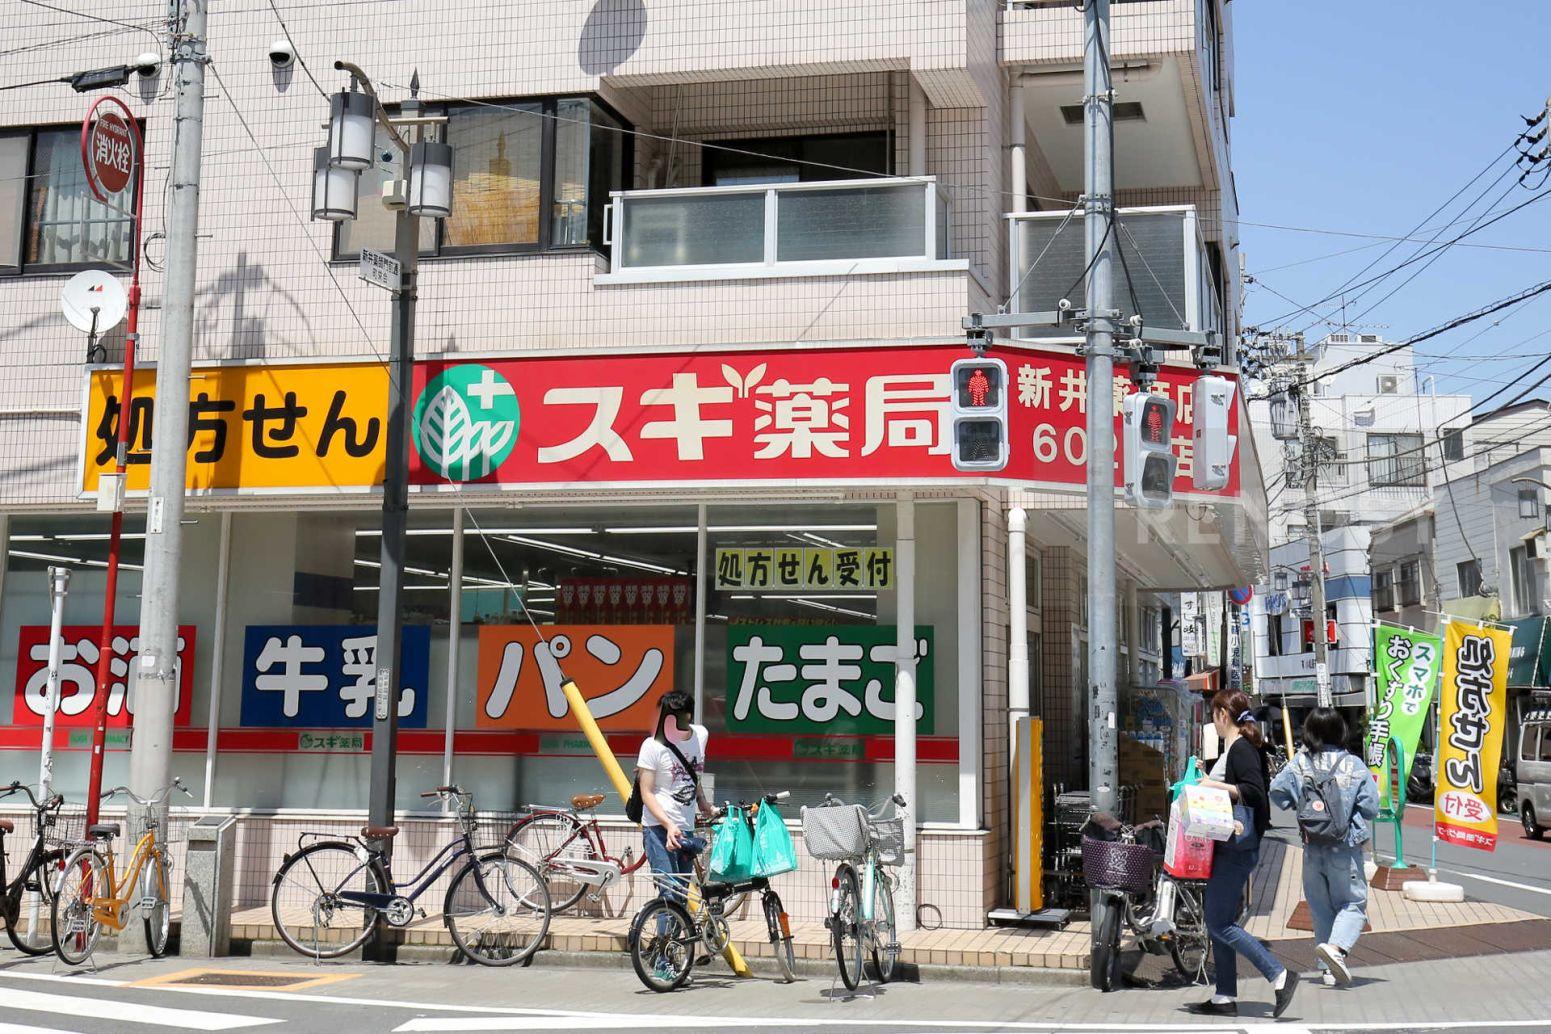 朝日クレス・パリオ中野新井薬師